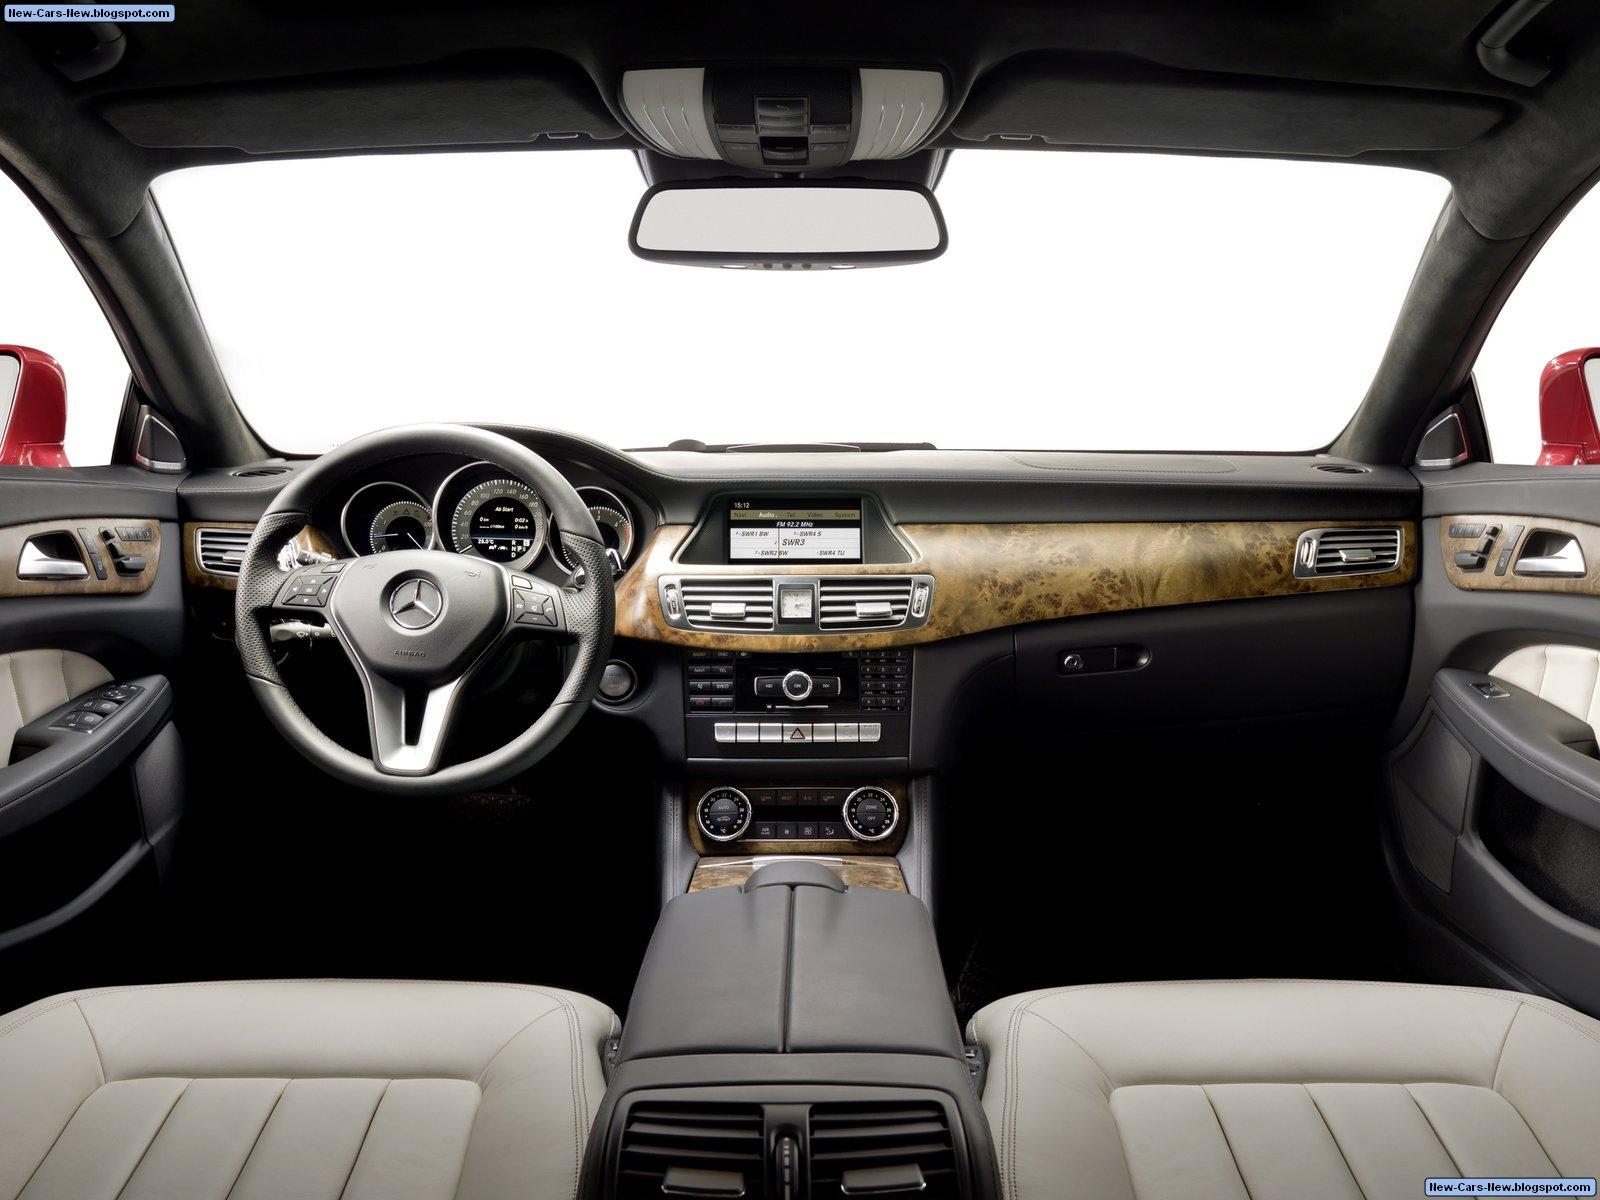 http://1.bp.blogspot.com/_U4w592tUDHM/TJnp0gXD1qI/AAAAAAAAFls/ilHh4XMllH0/s1600/Mercedes-Benz-CLS-Class_2012_1600x1200_wallpaper_10.jpg